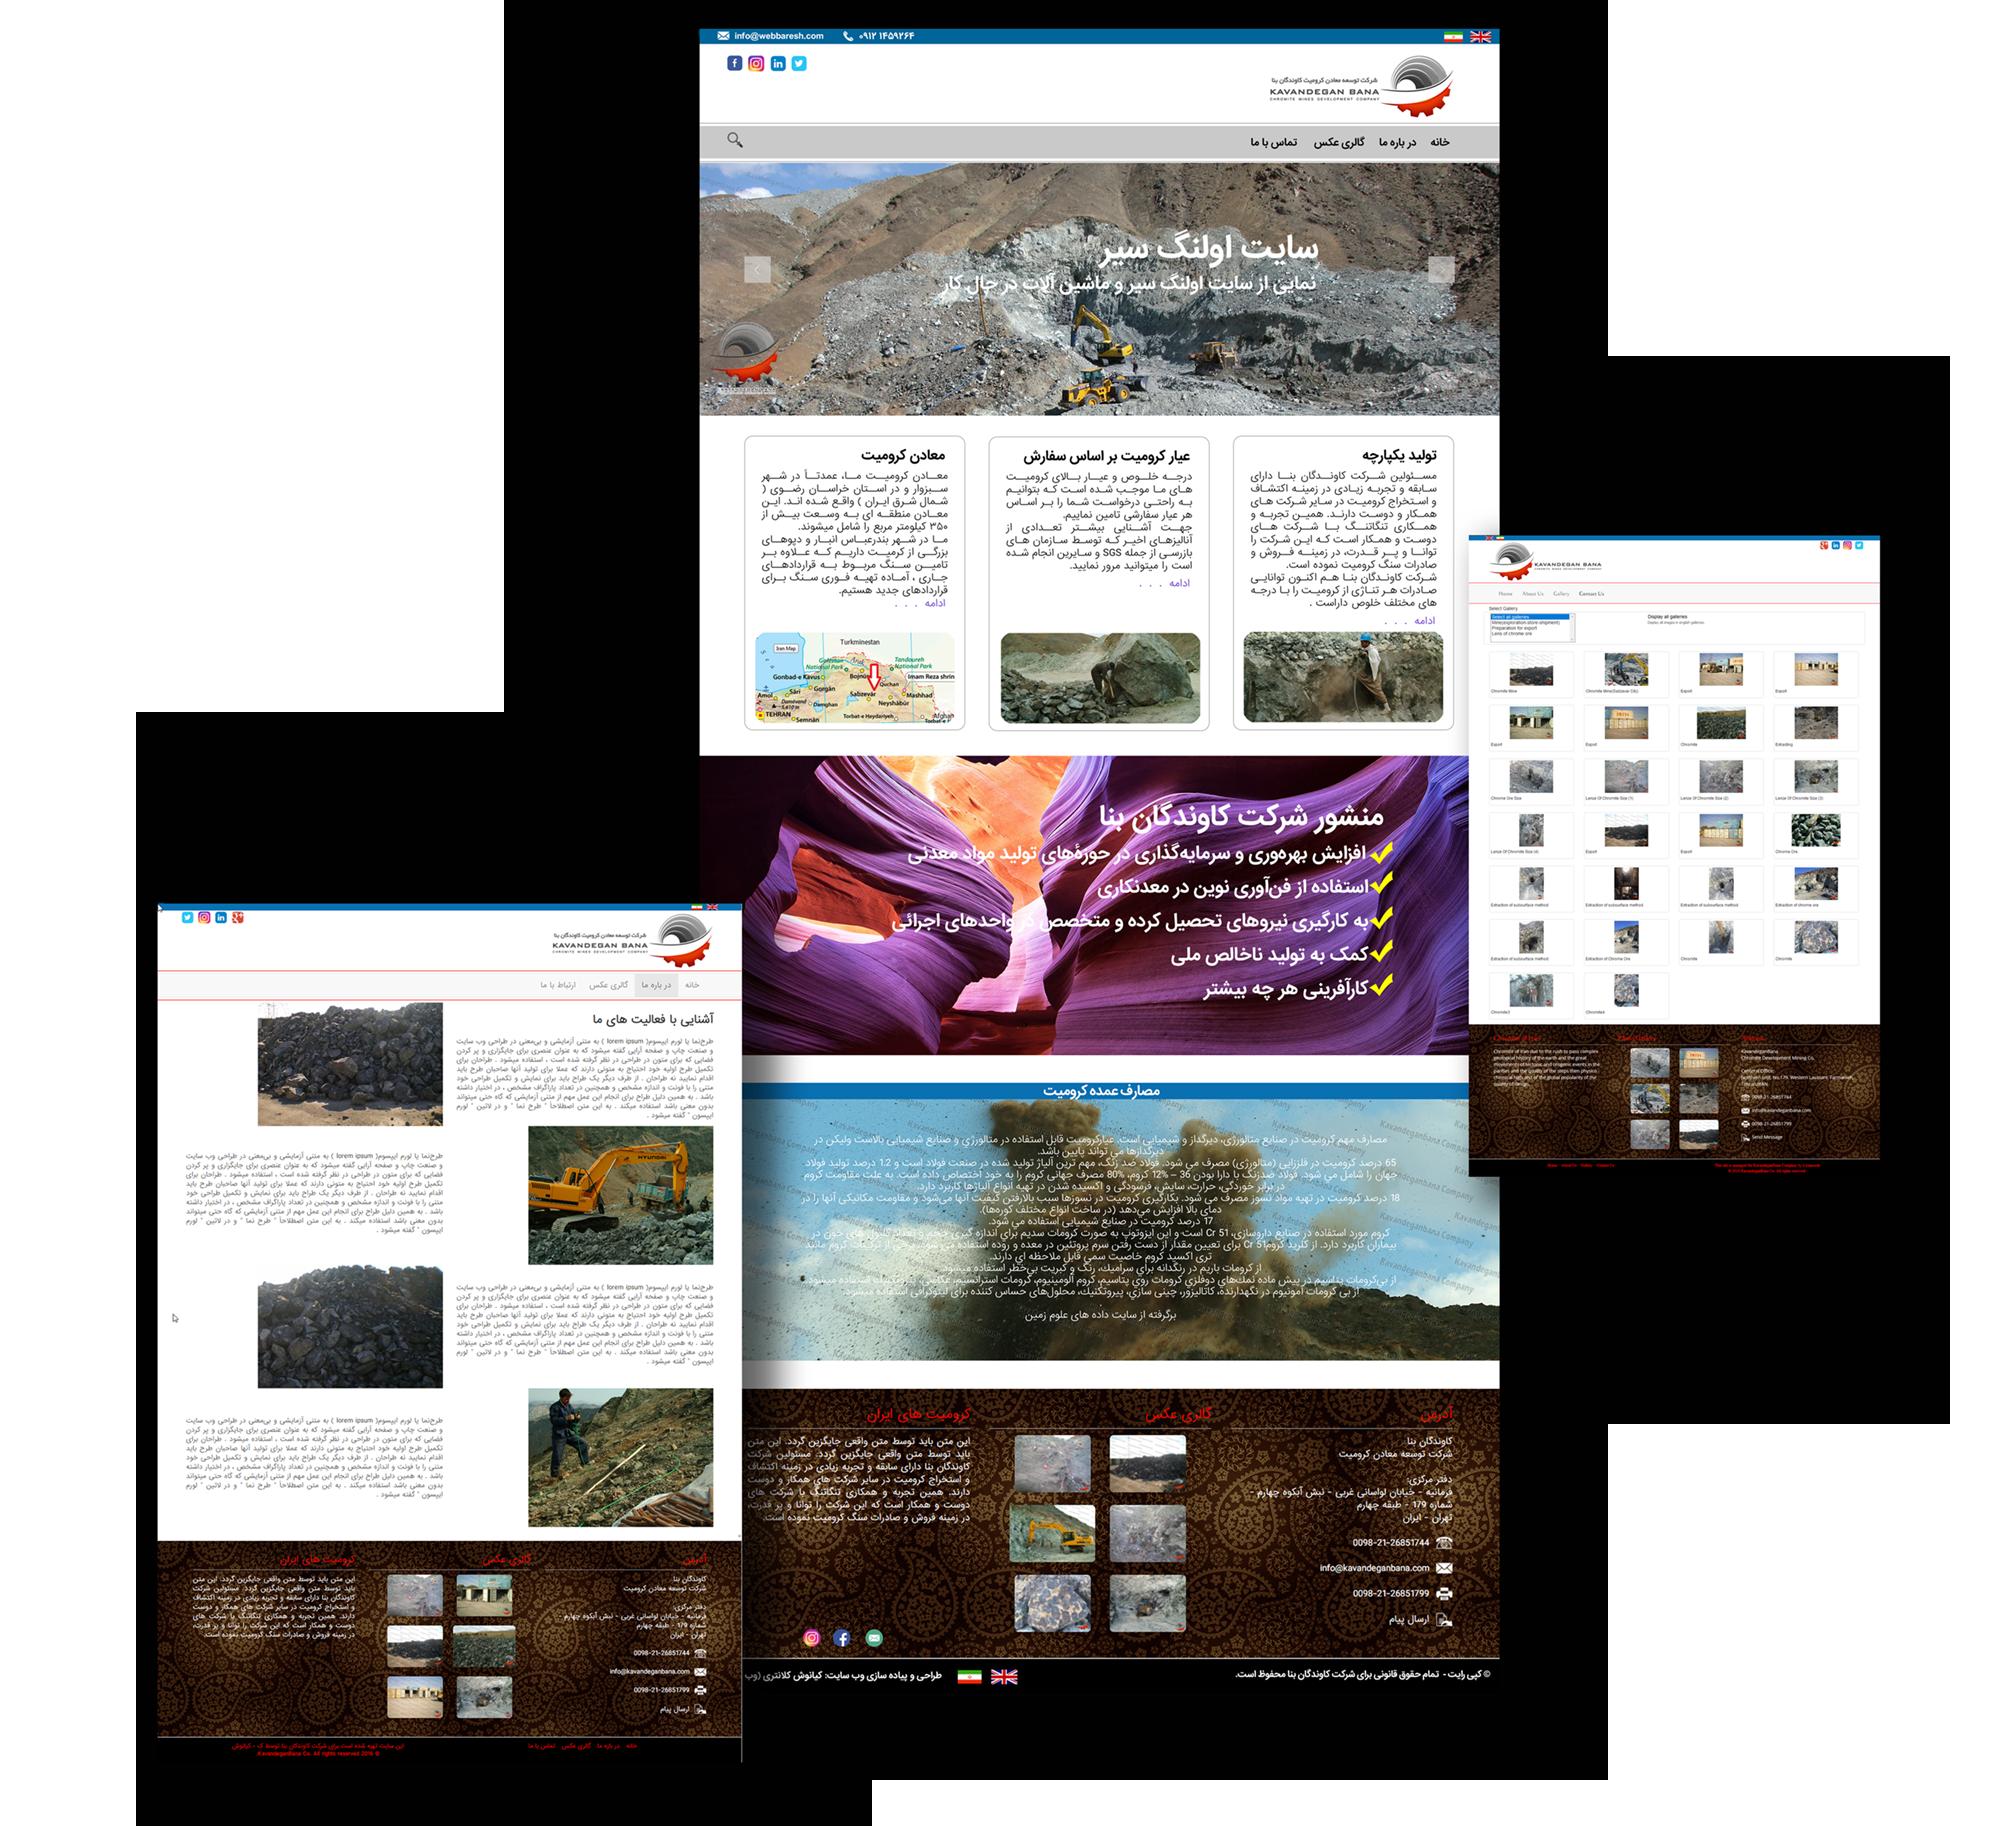 نمونه وب سایت کاوندگان-شرکت معدنی -توسعه معادن کرومیت-طراحی و پیاده سازی توسط وبسایت وب بارش - کیانوش کلانتری